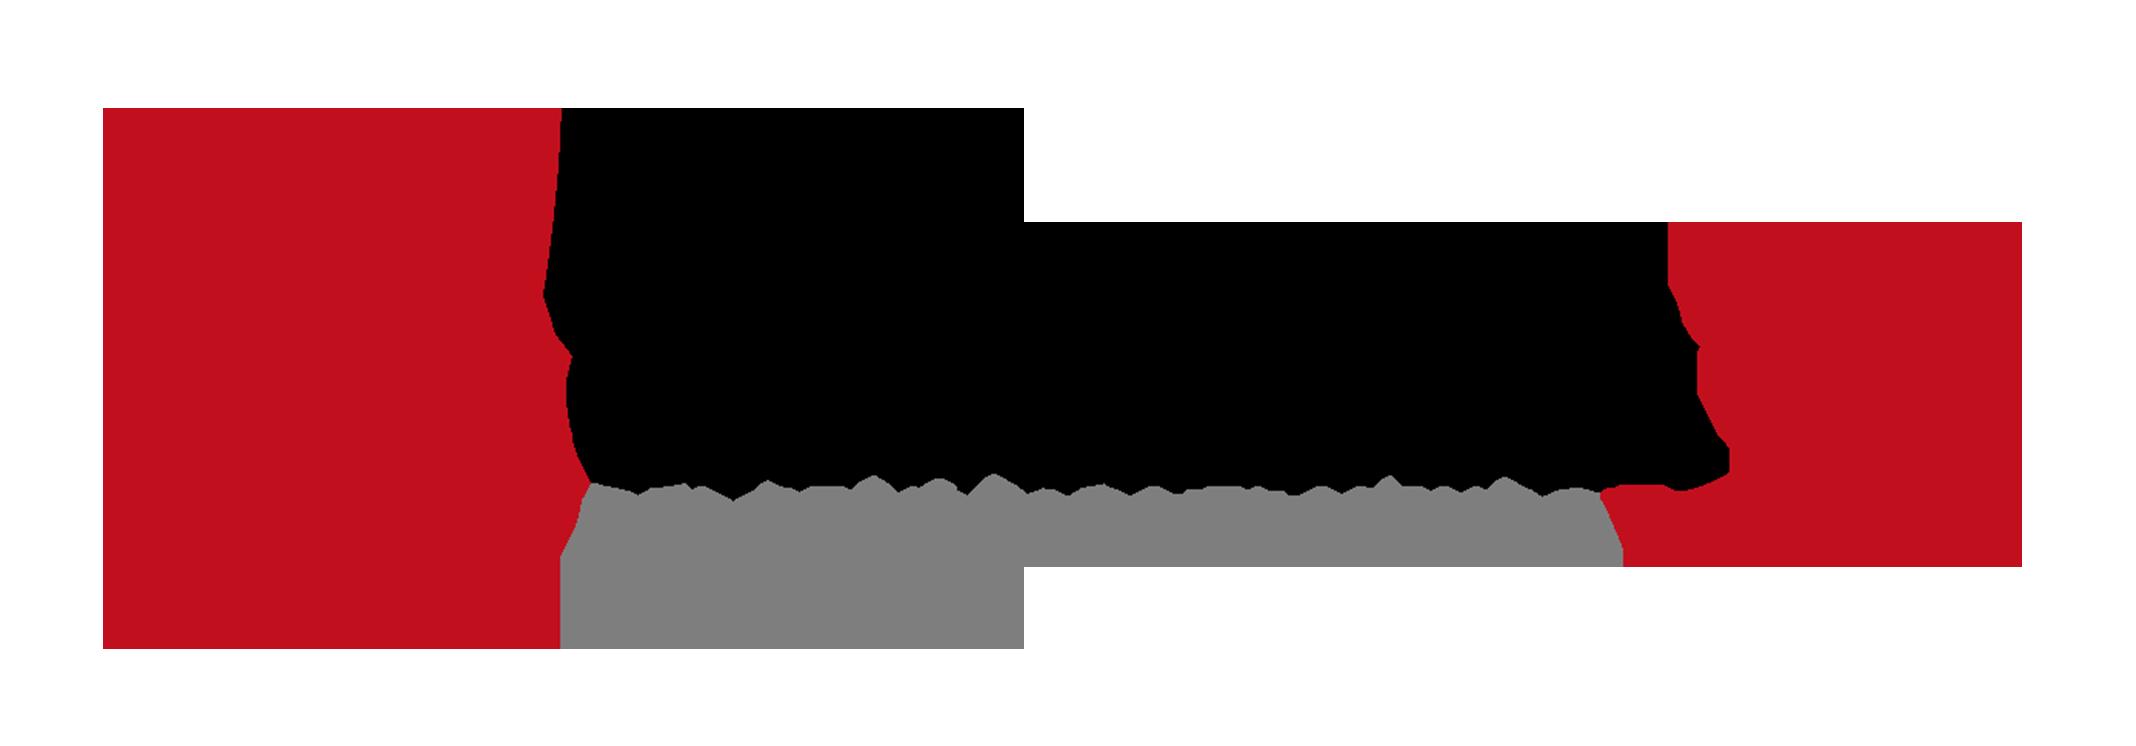 Daniel urresti propone mejorar programas sociales y for Logo del ministerio del interior peru